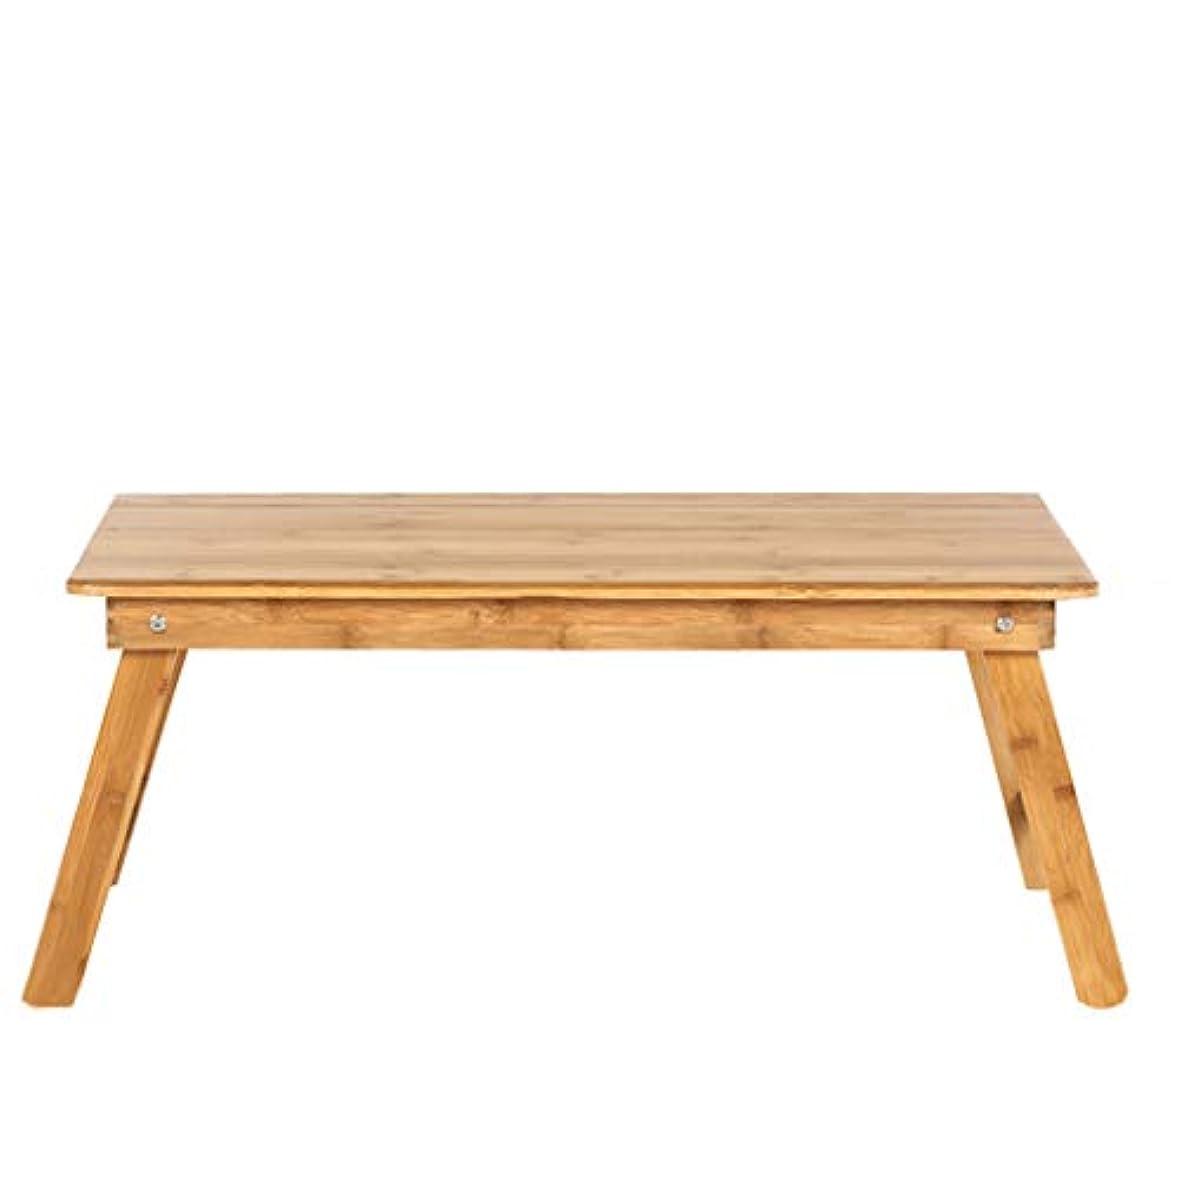 NJ 折りたたみ式テーブル- 折りたたみ可能な木製のシンプルな小さなテーブル、自宅の学生デスク、ラップトップテーブル (色 : 木の色, サイズ さいず : 70x35x31cm)